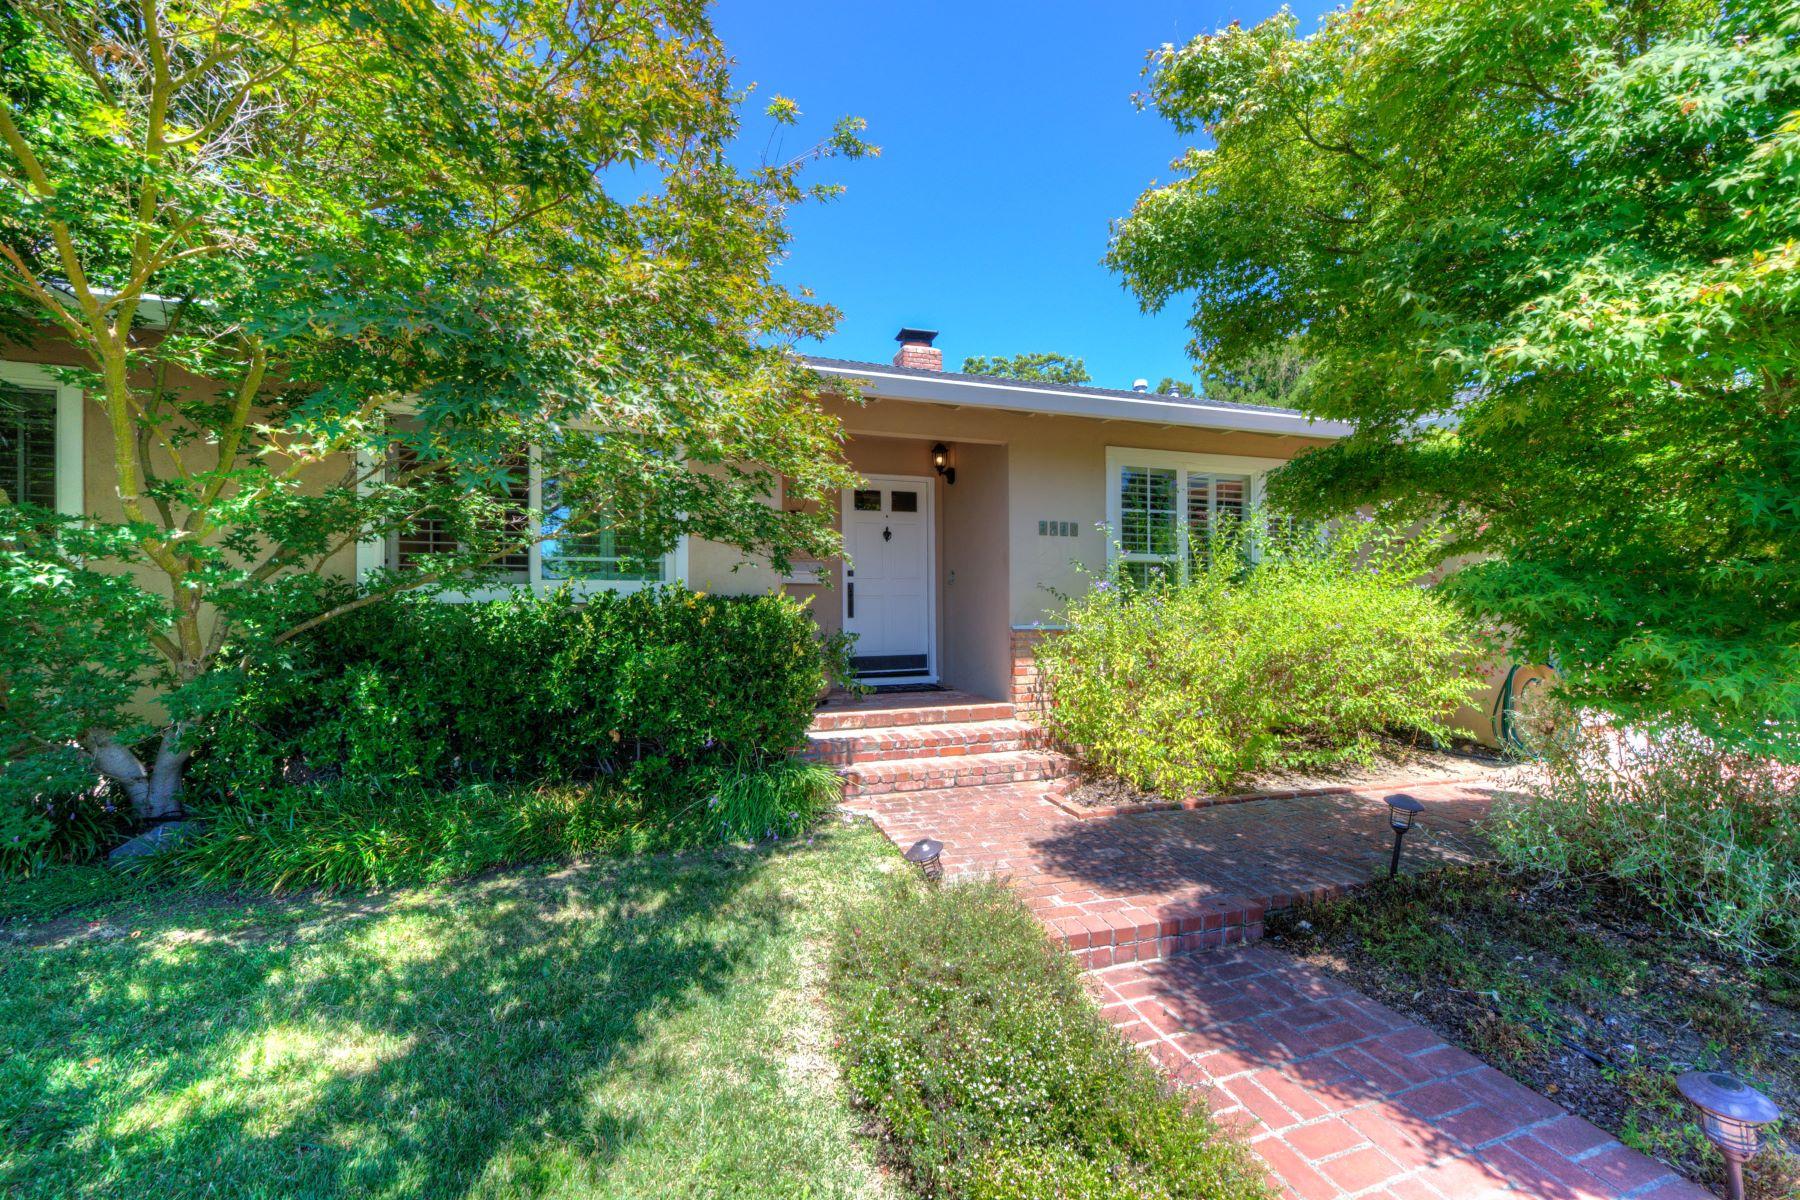 Maison unifamiliale pour l Vente à Living Your Dream 1410 Johnson Street Novato, Californie, 94947 États-Unis